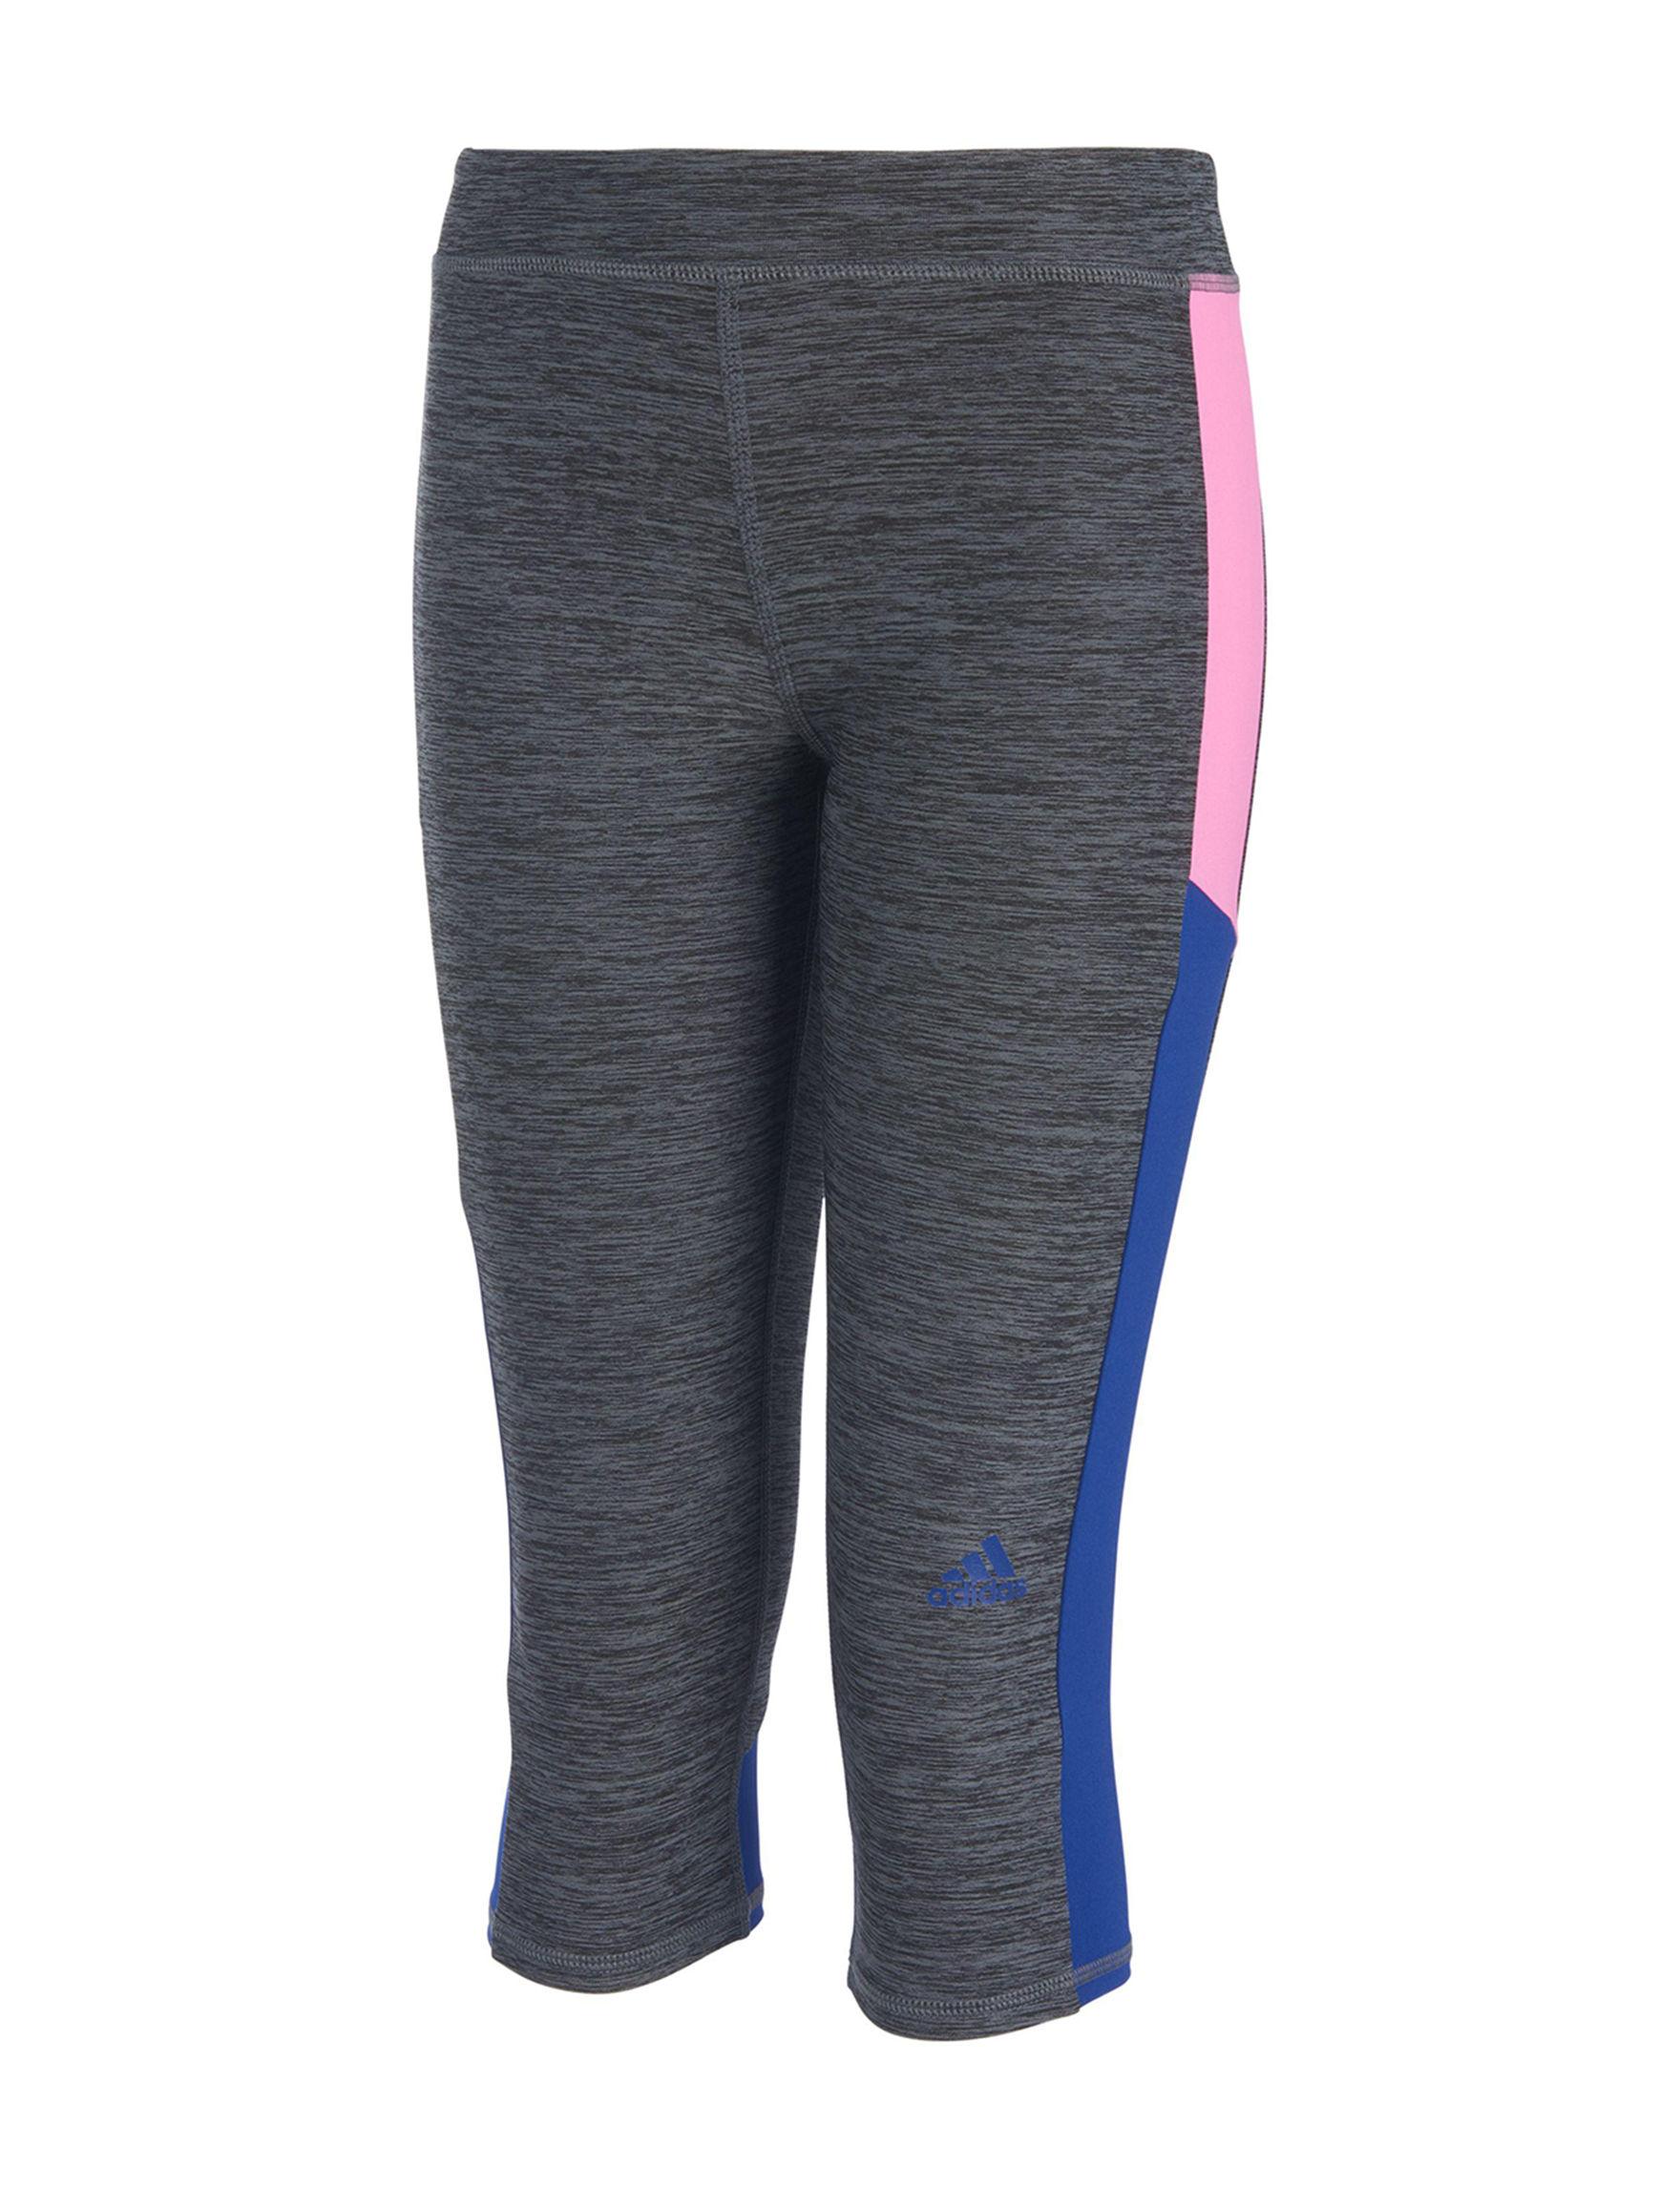 Adidas Grey Multi